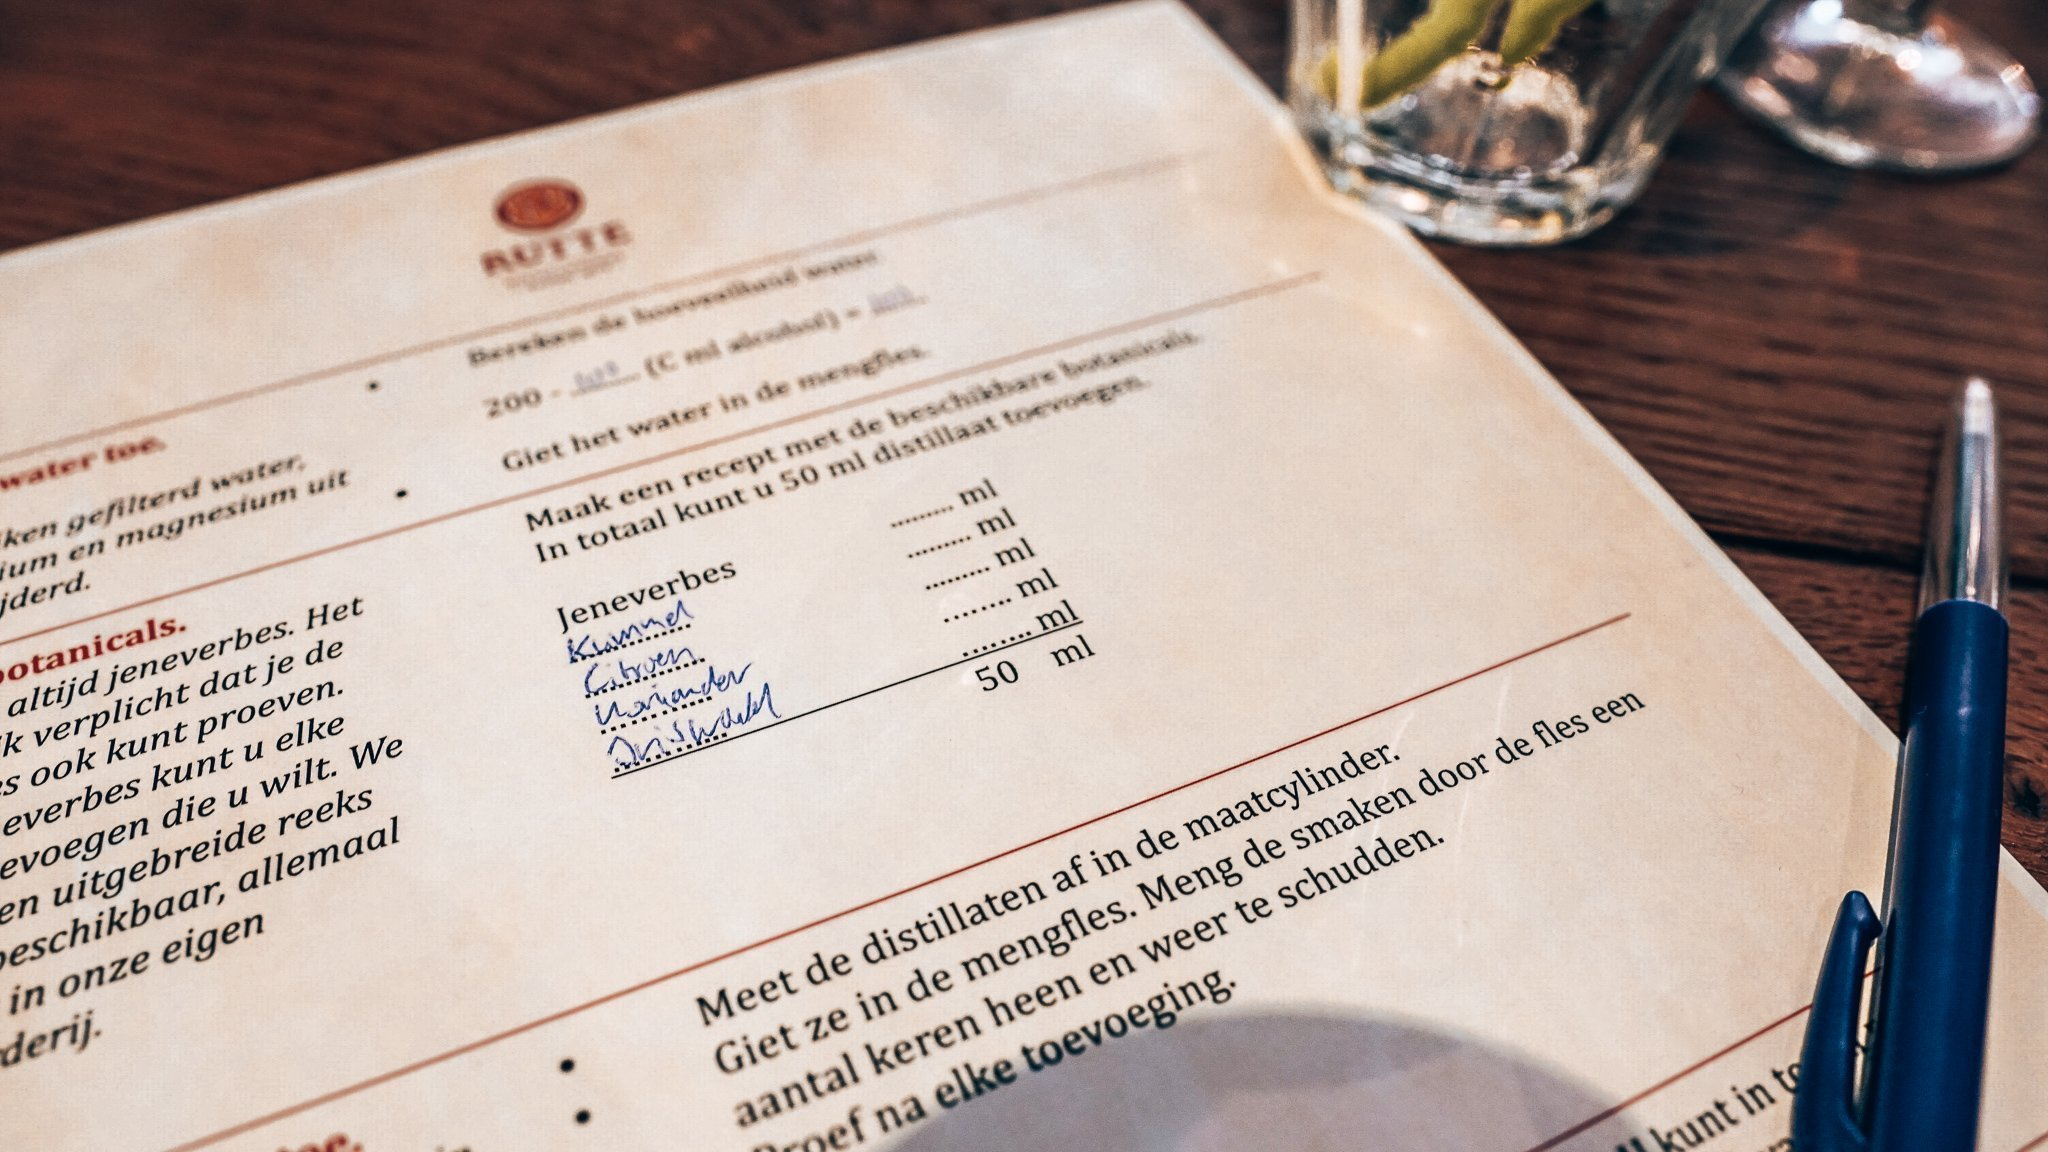 Handleiding voor het maken van een eigen gin, Distilleerderij Rutte, Alles over gin.